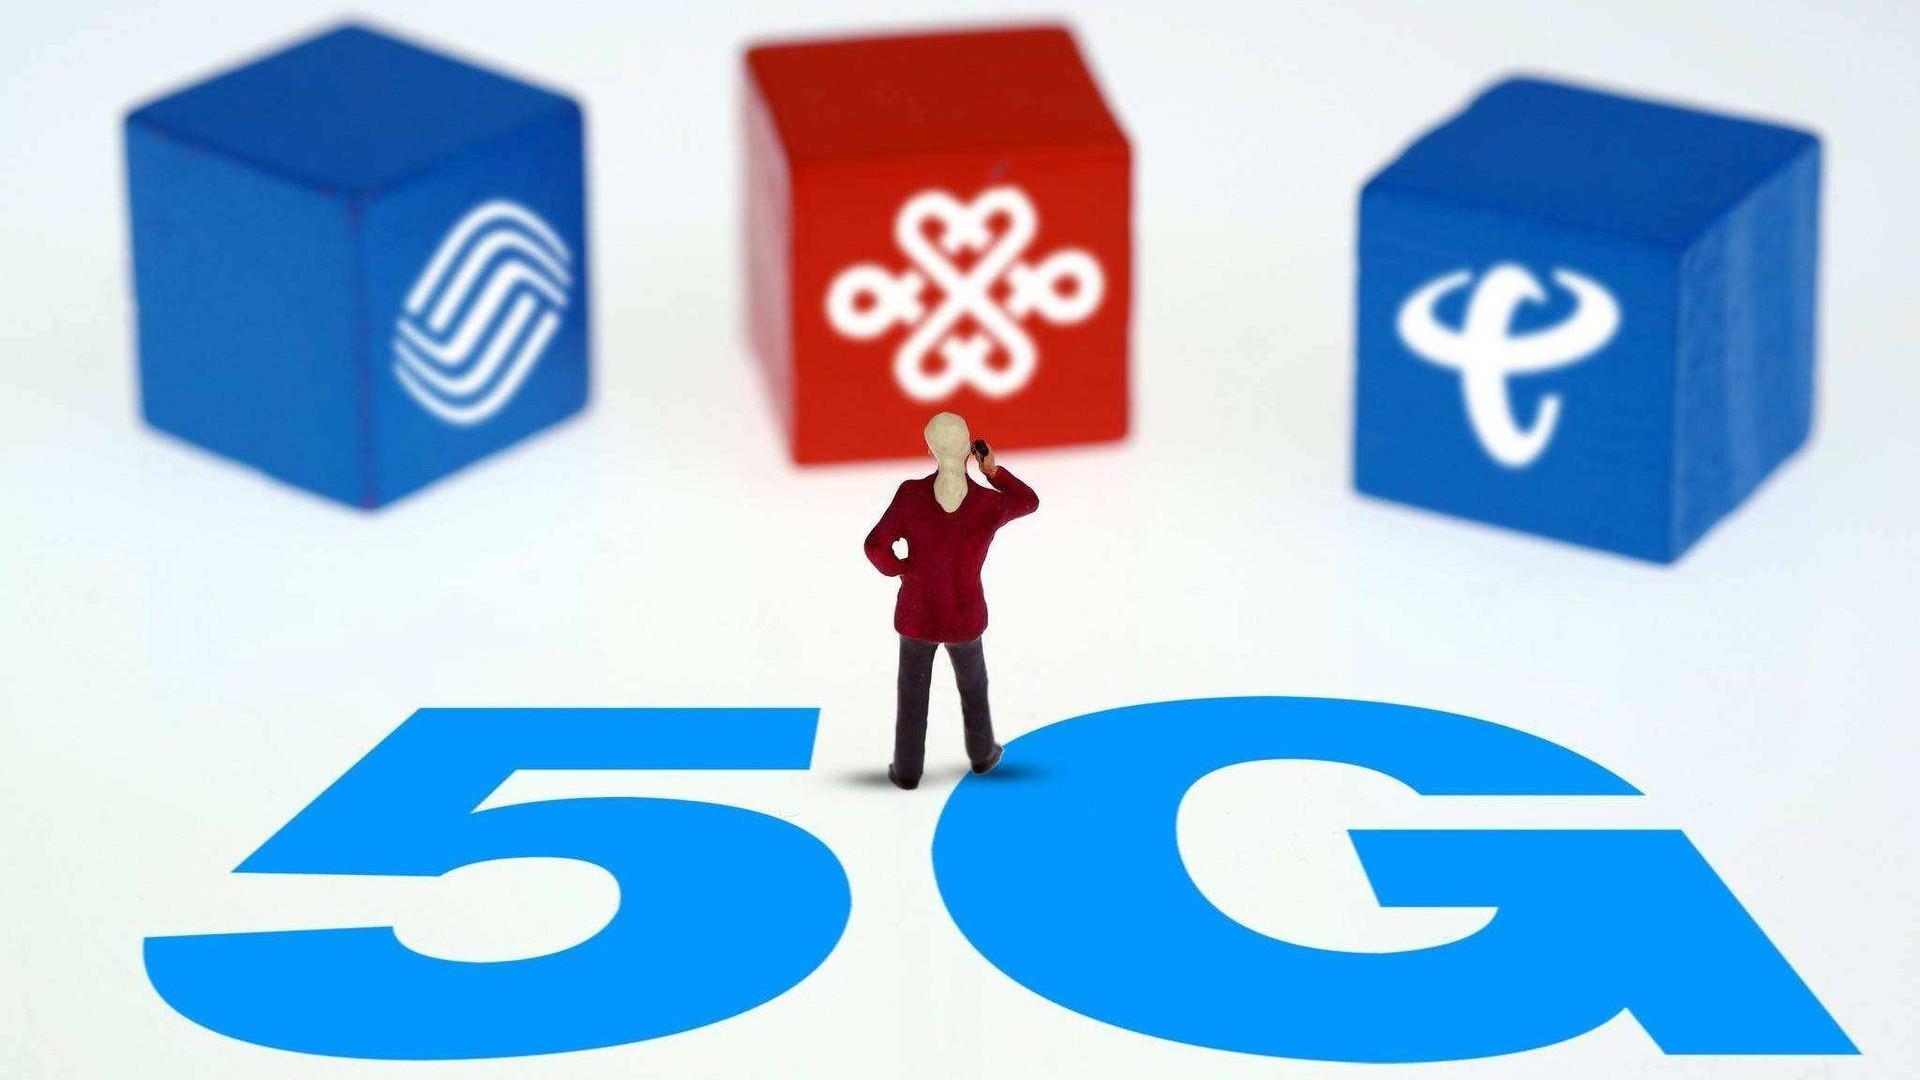 三大运营商推出5G套餐, 折扣力度按网龄来算, 谁转网谁吃亏